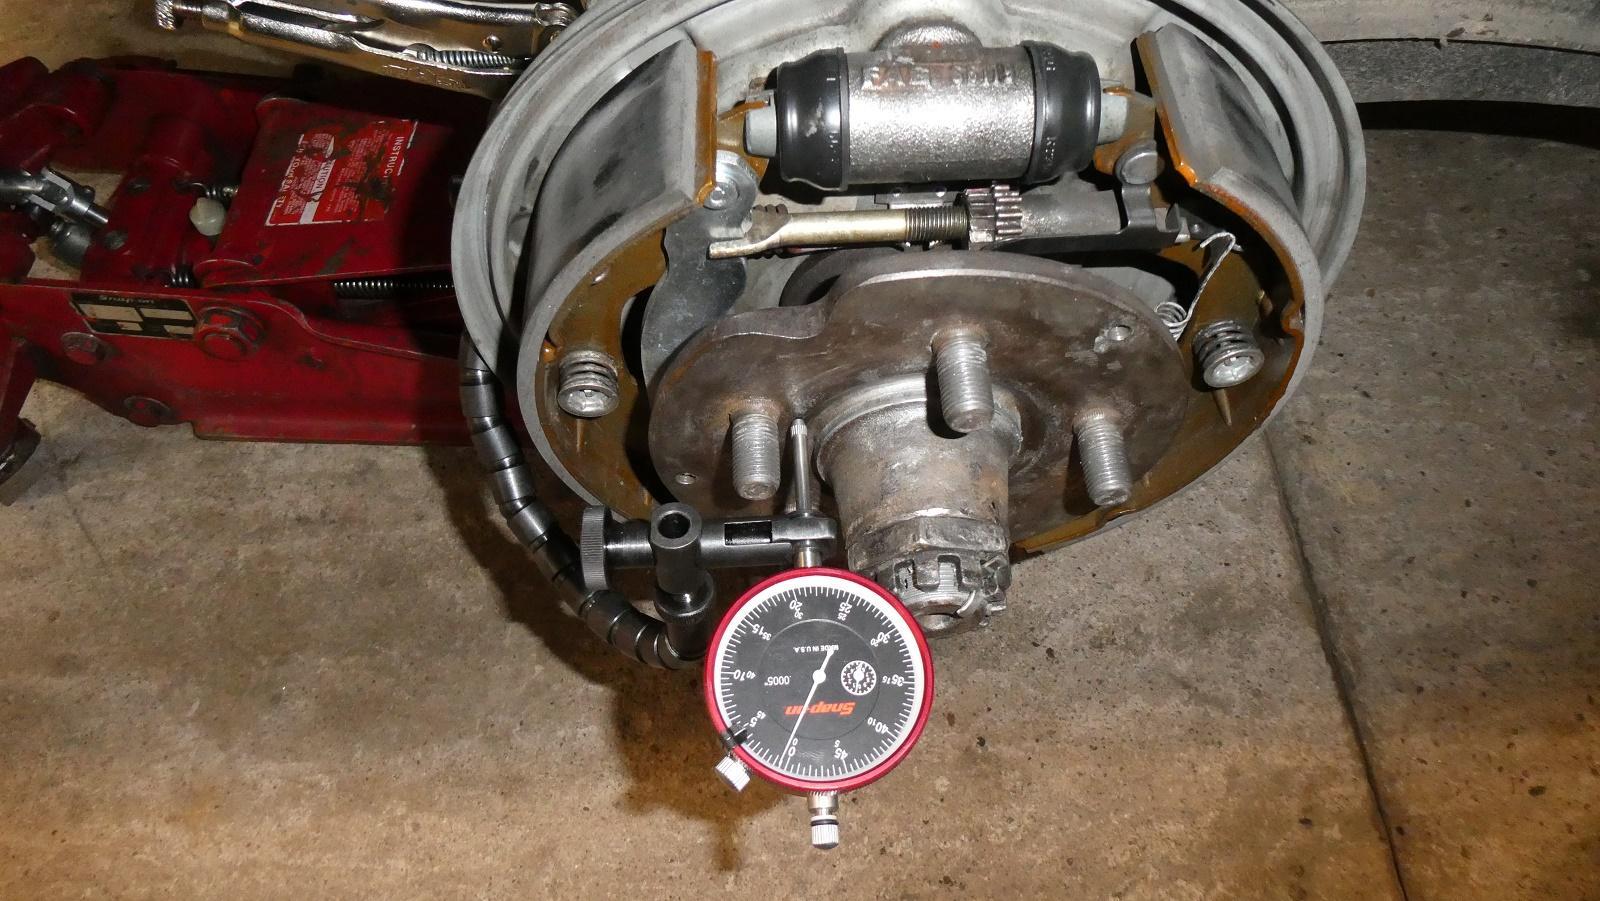 Bent stub axle?